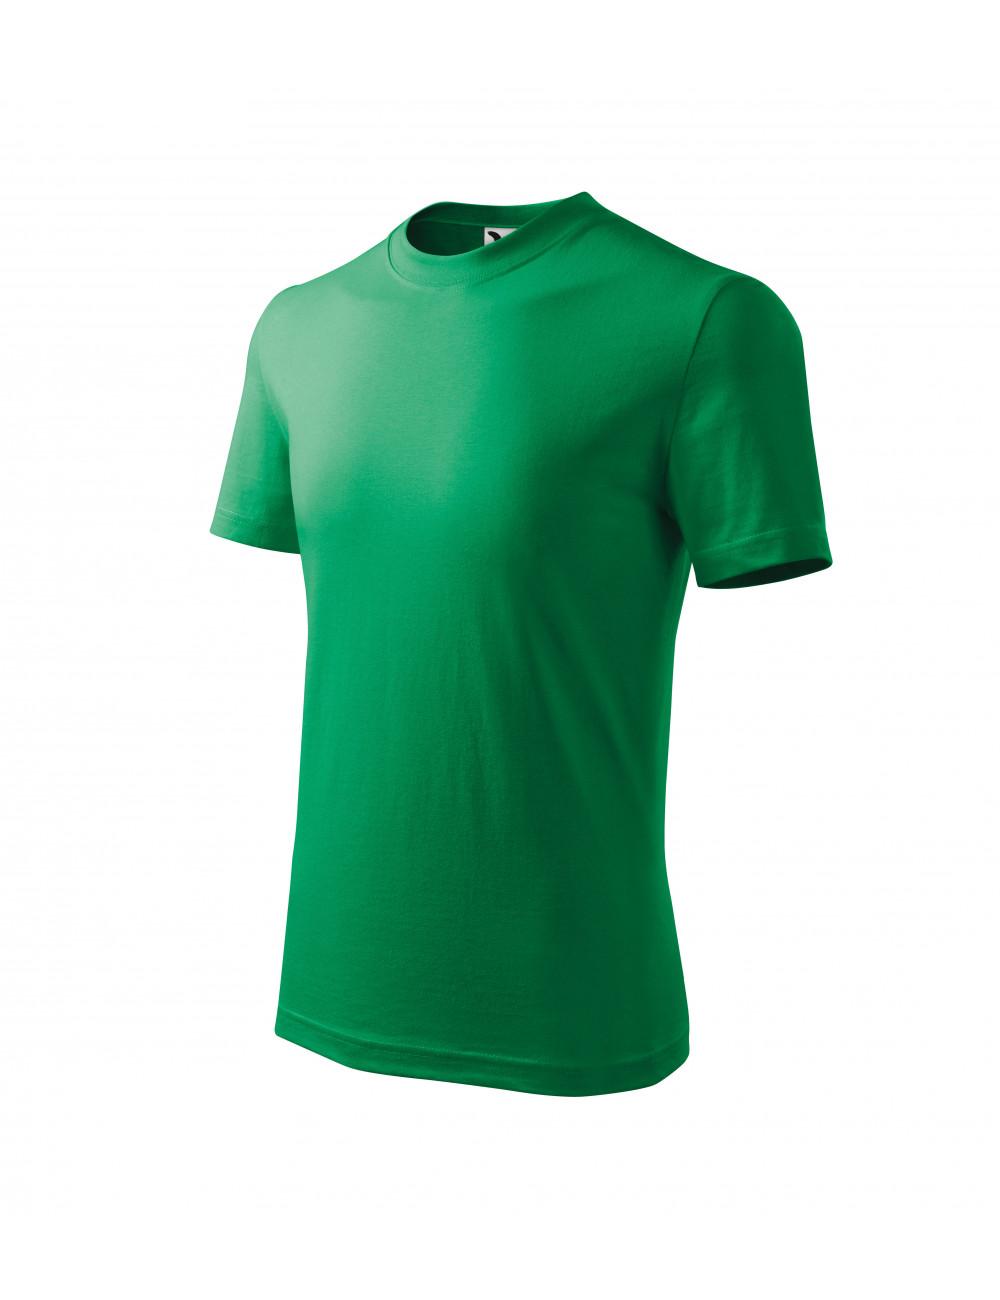 Adler MALFINI Koszulka dziecięca Basic 138 zieleń trawy